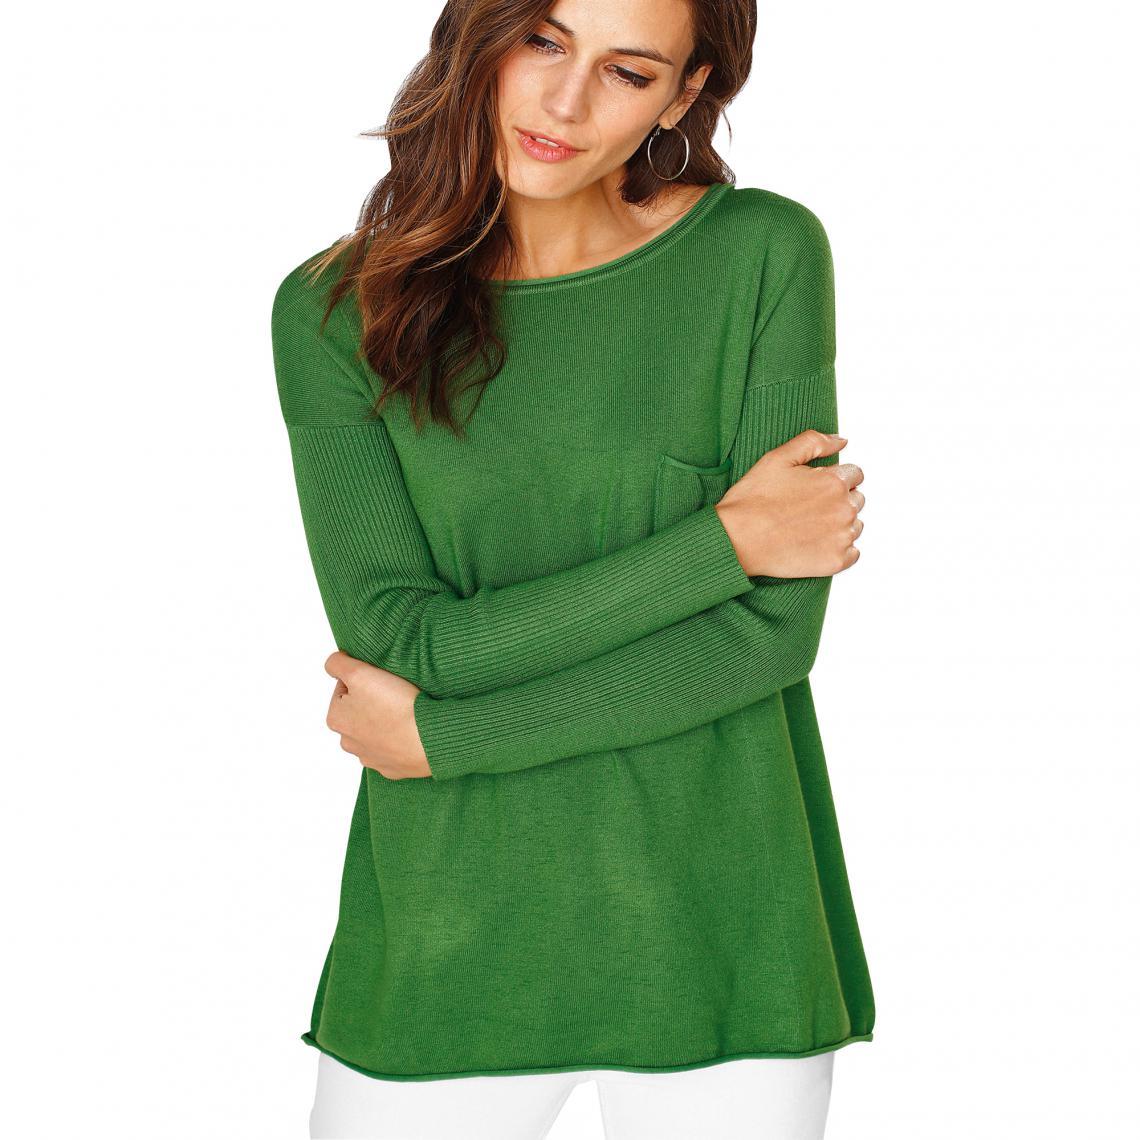 Pull manches longues en côtes femme Vert | 3 SUISSES